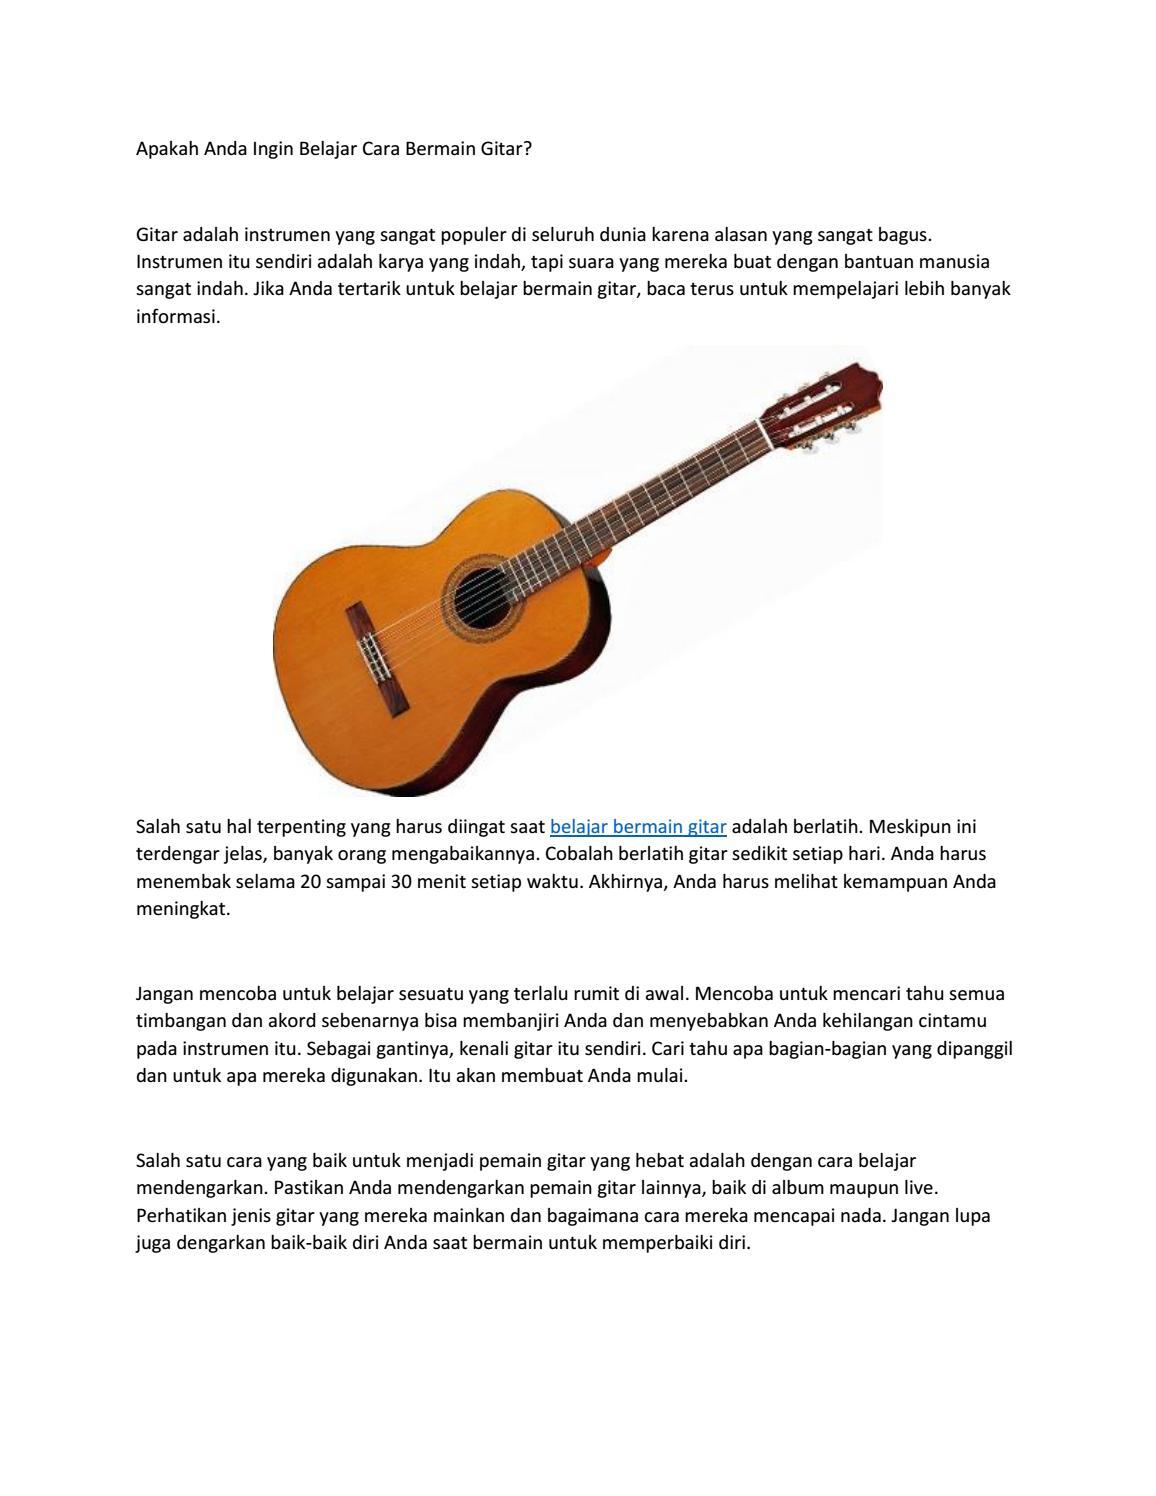 Apakah Anda Ingin Belajar Cara Bermain Gitar By Armandina Garry Issuu